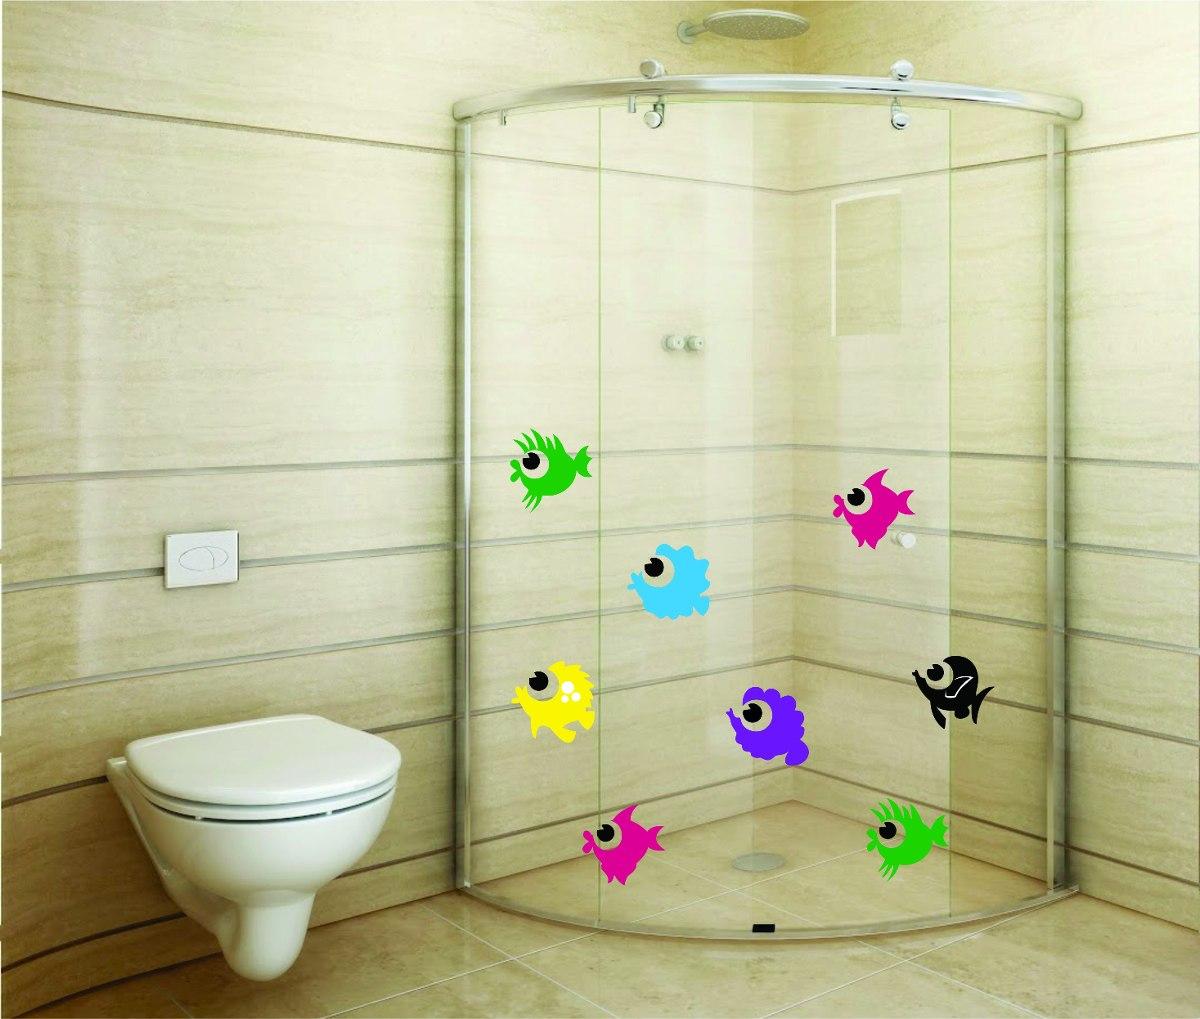 Adesivo De Parede Banheiro Box Kit 30 Peixes Coloridos R$ 17 99 no  #20C10A 1200 1019